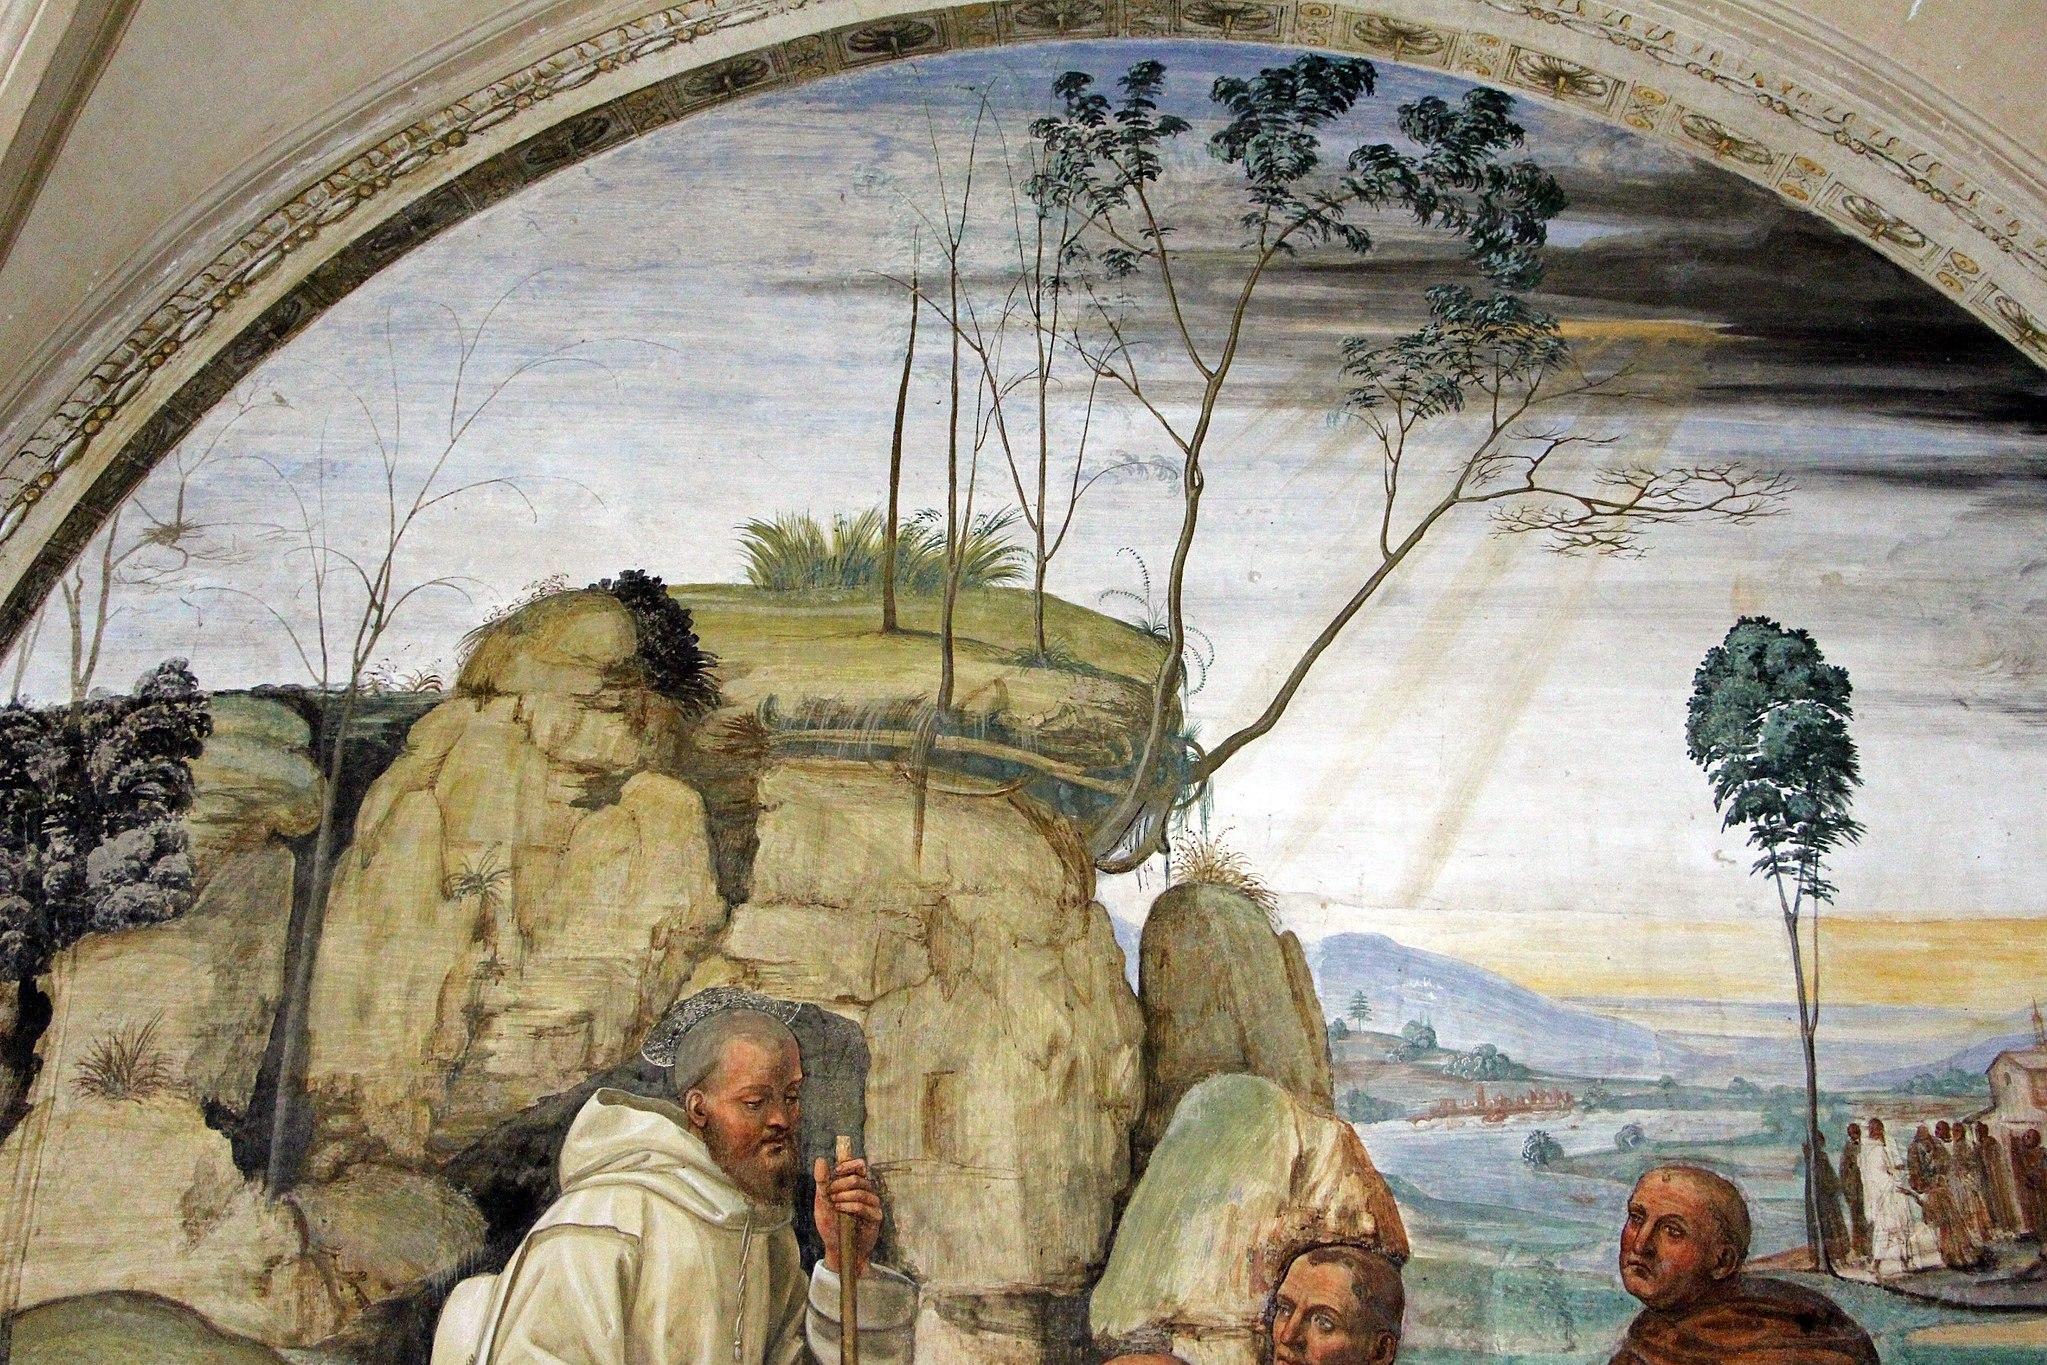 Il Sodoma, Le storie di San Benedetto, Scena 9, Come Benedetto ai prieghi di alcuni eremiti consente di essere loro Abate (particolare), Abbazia di Monte Oliveto Maggiore, Il Cloistro Grande